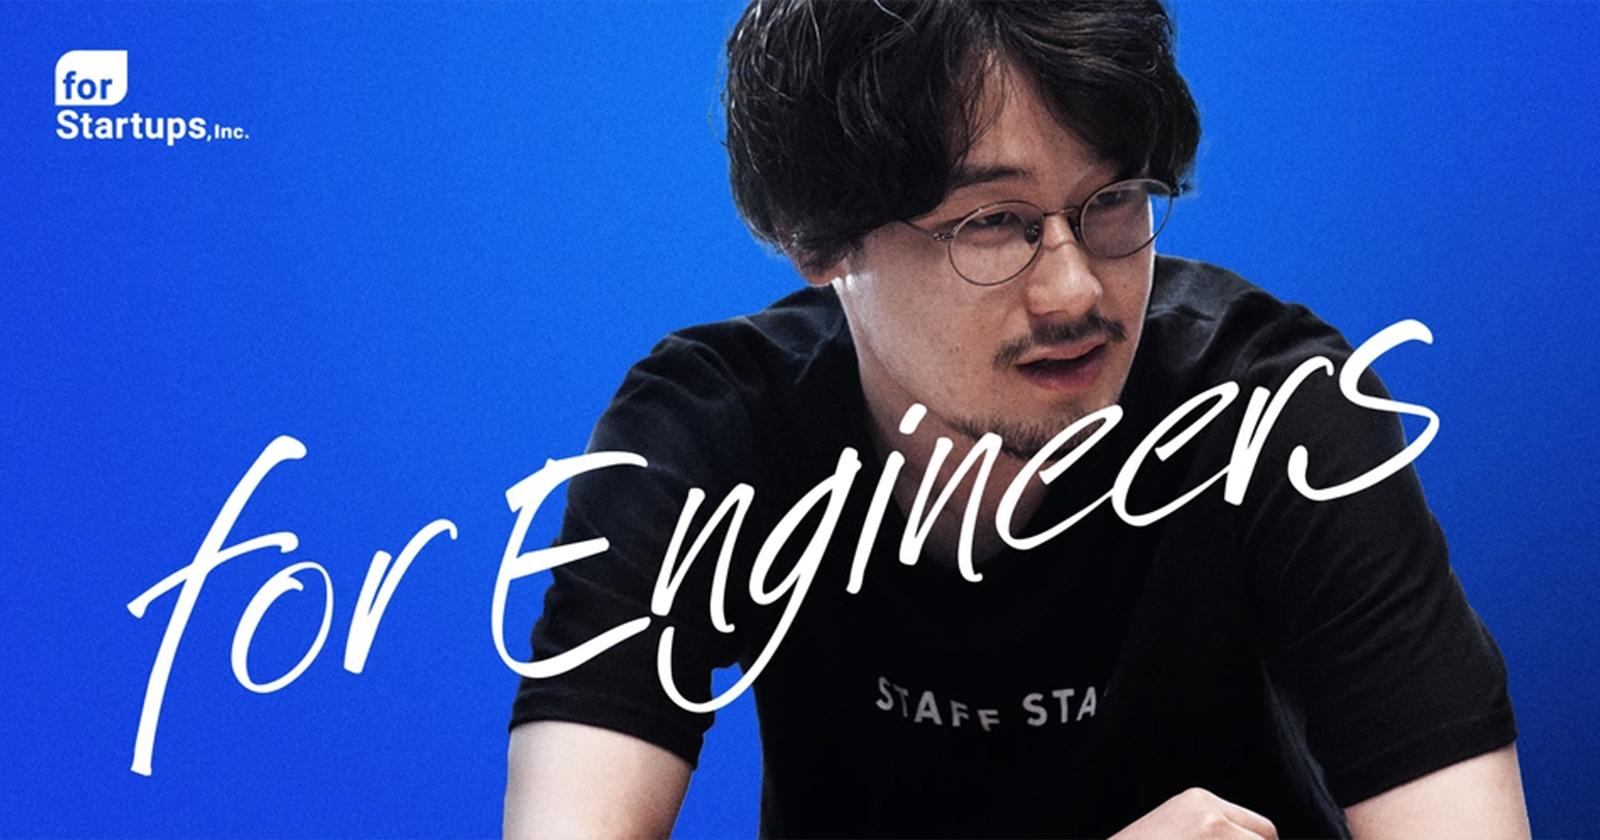 【HEROES3:バニッシュ・スタンダード 大竹氏】バニッシュが本当にほしかったものを教えてくれた。くすぶっていたエンジニアの心に火をつけたのは、「人を幸せにするサービス」!